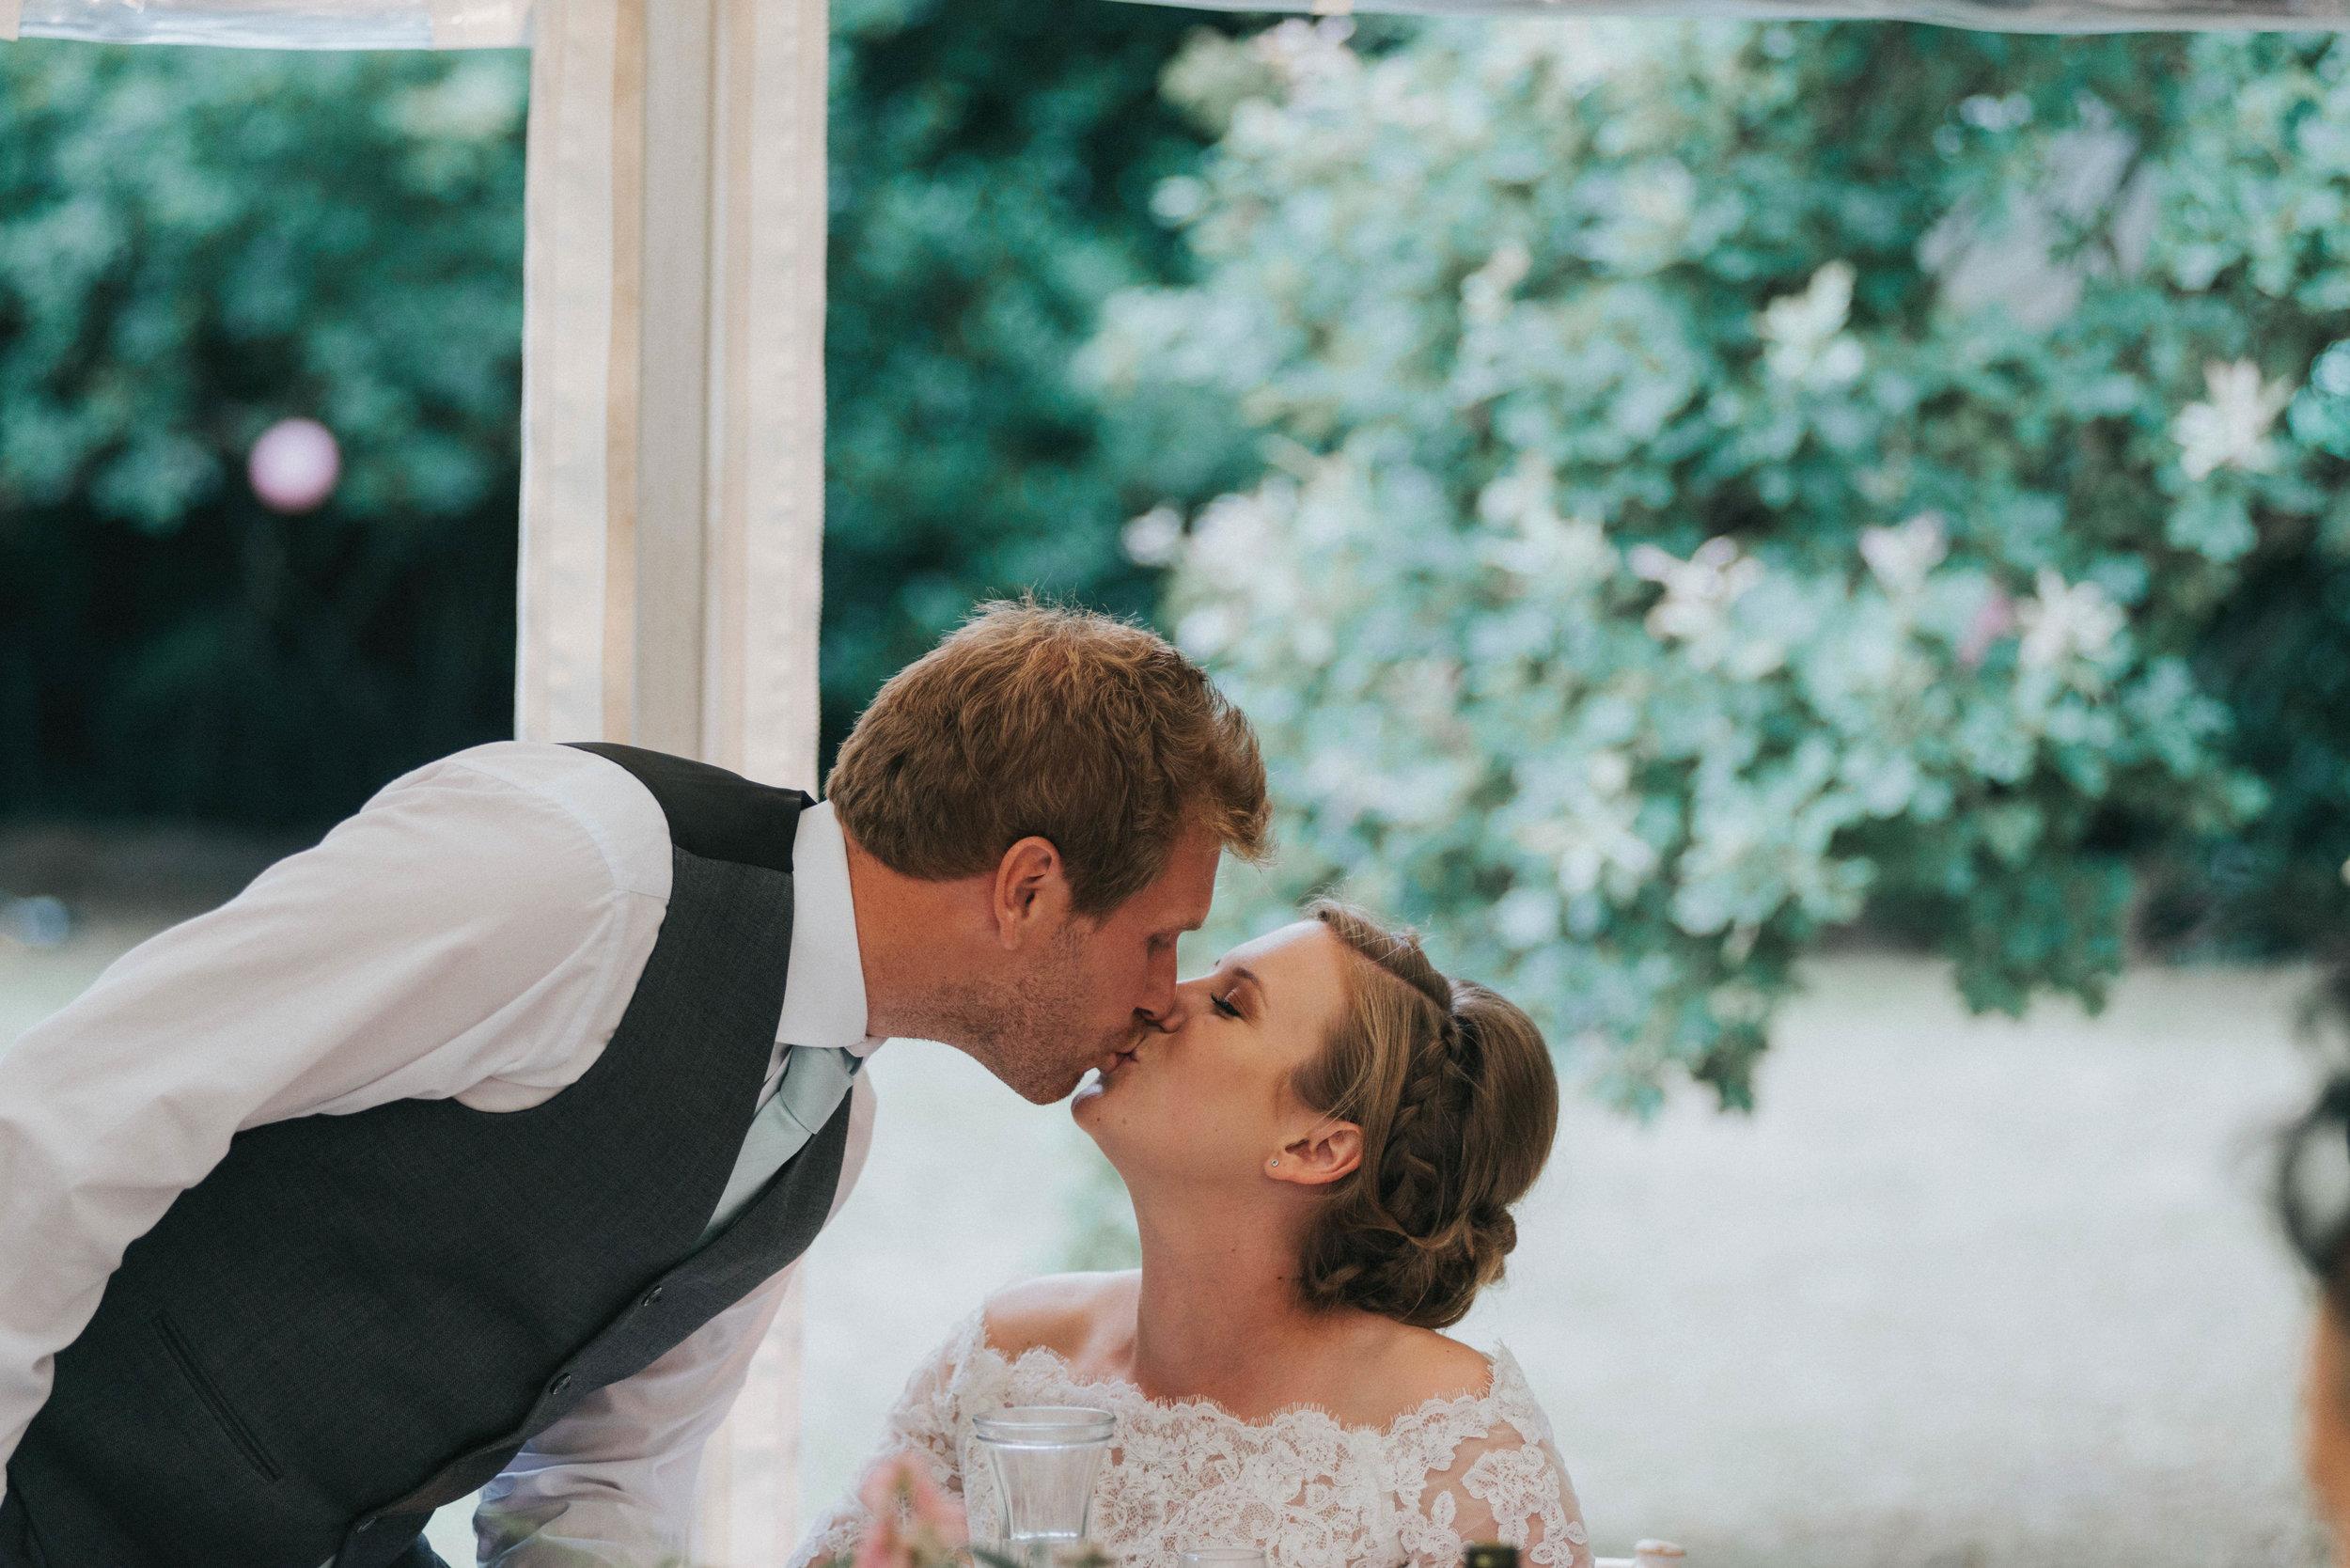 festival-farm-wedding-147.jpg